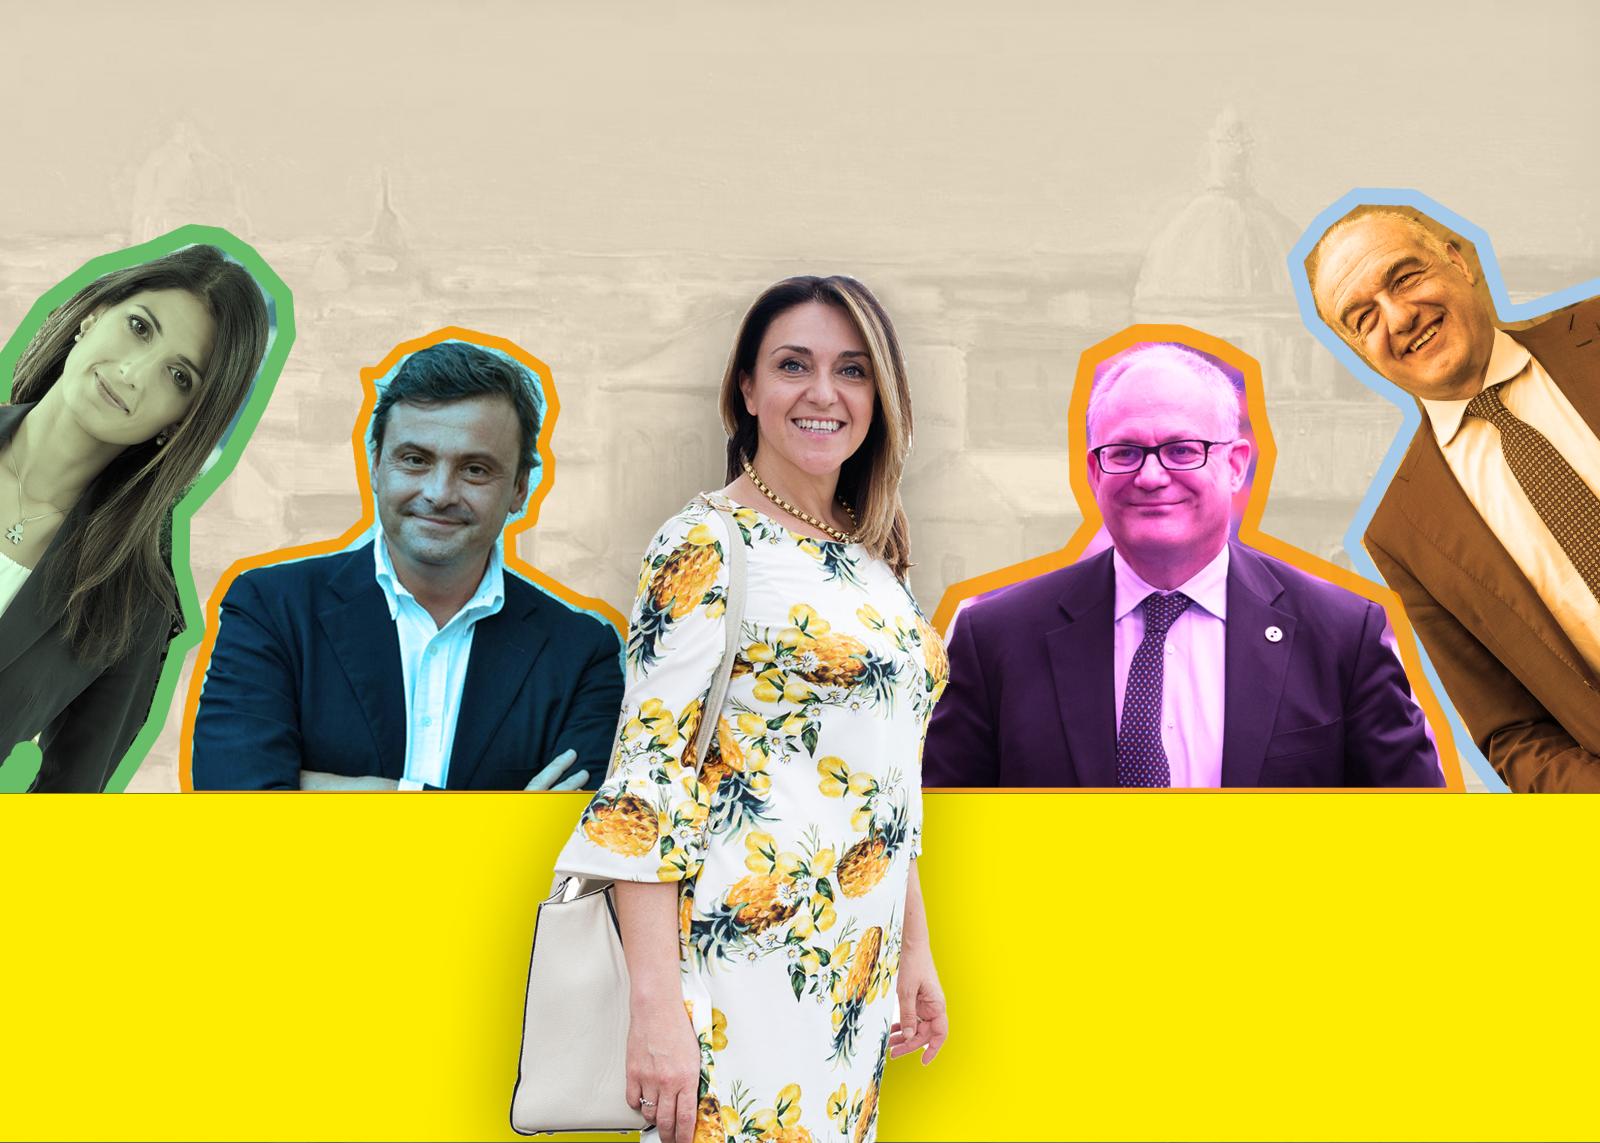 Silvia Rossi e i 4 candidati sindaci: Calenda, Raggi, Gualtieri, Michetti